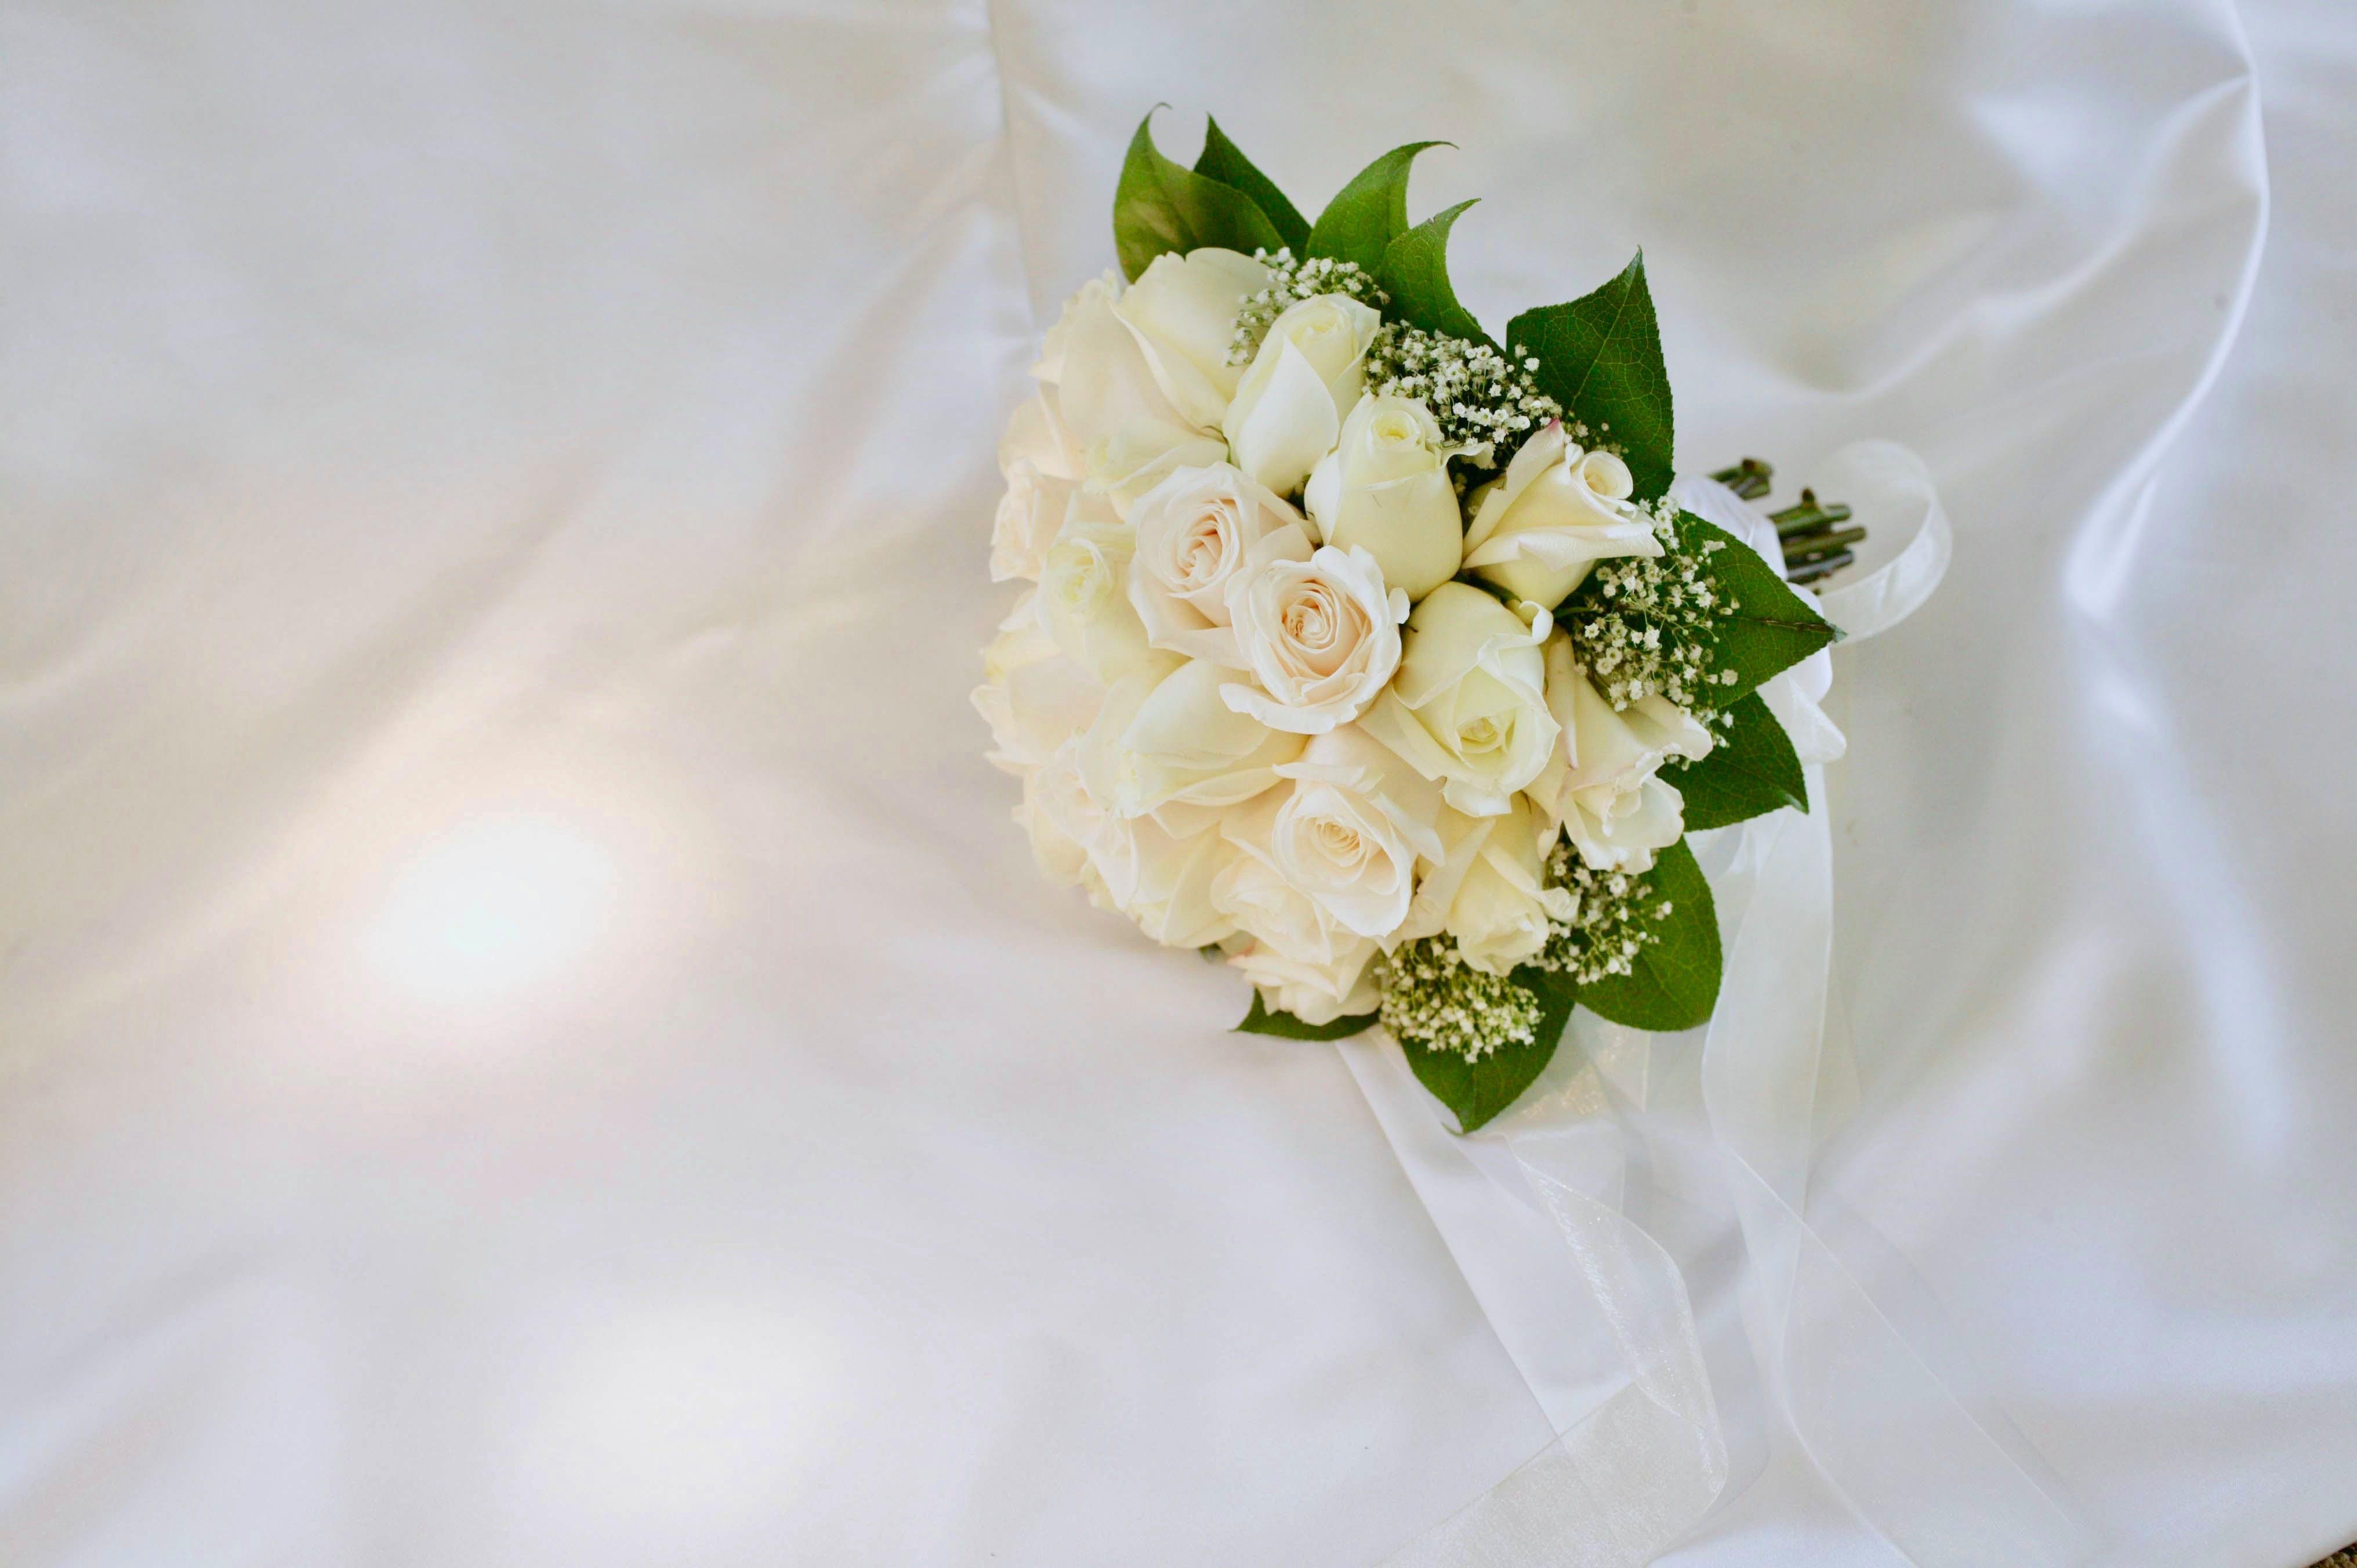 꽃, 꽃꽂이, 부케, 신부의의 무료 스톡 사진